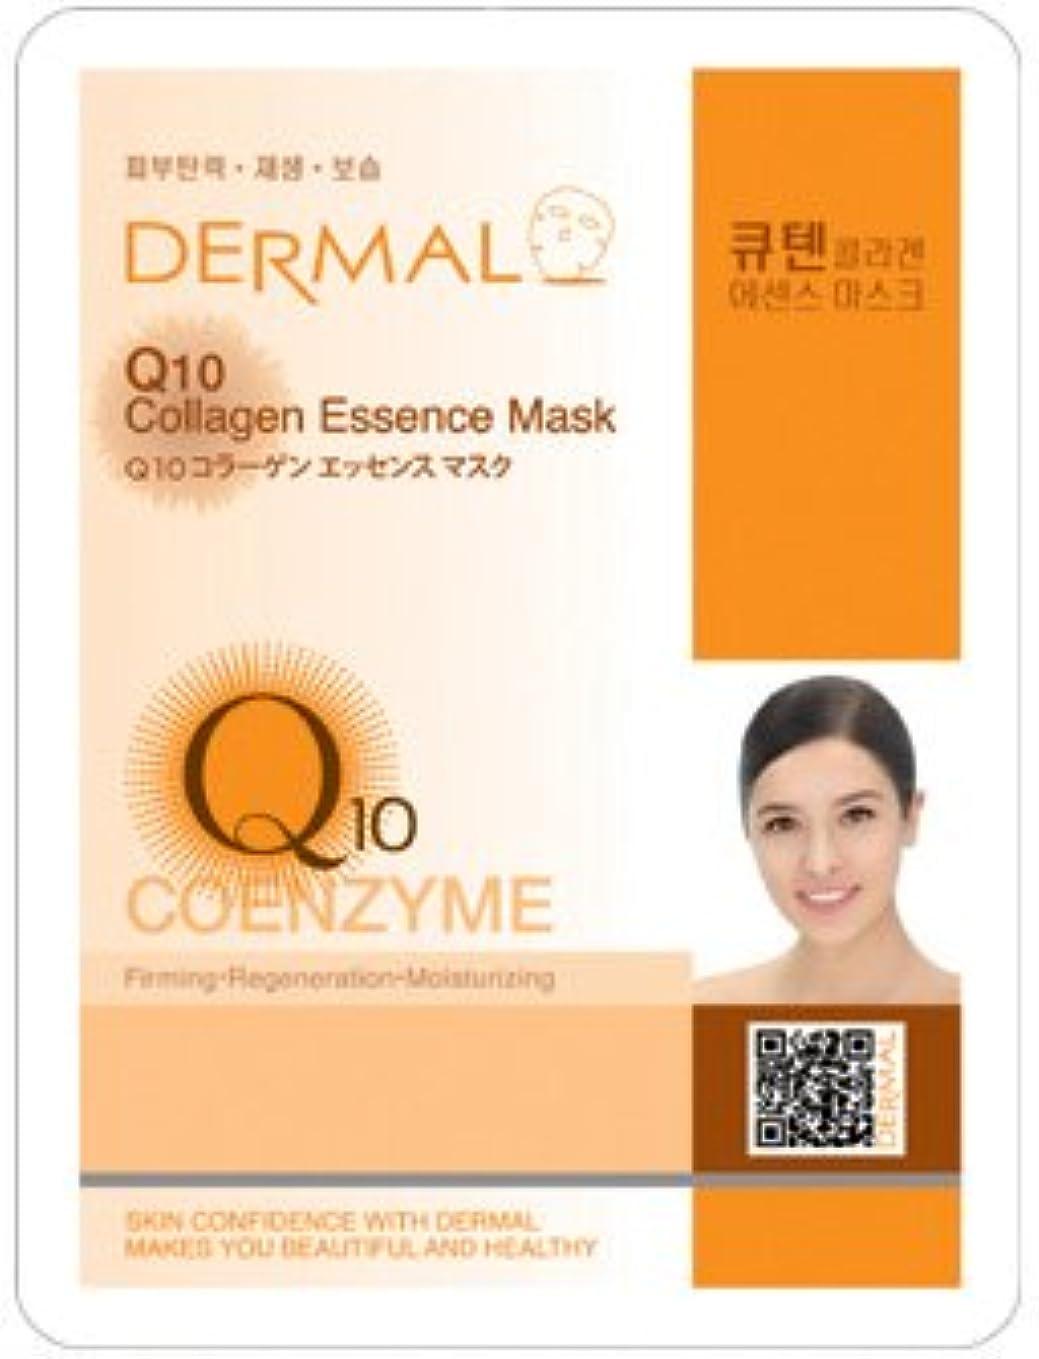 幻想的聖歌食料品店シートマスク Q10 コエンザイム 100枚セット ダーマル(Dermal) フェイス パック